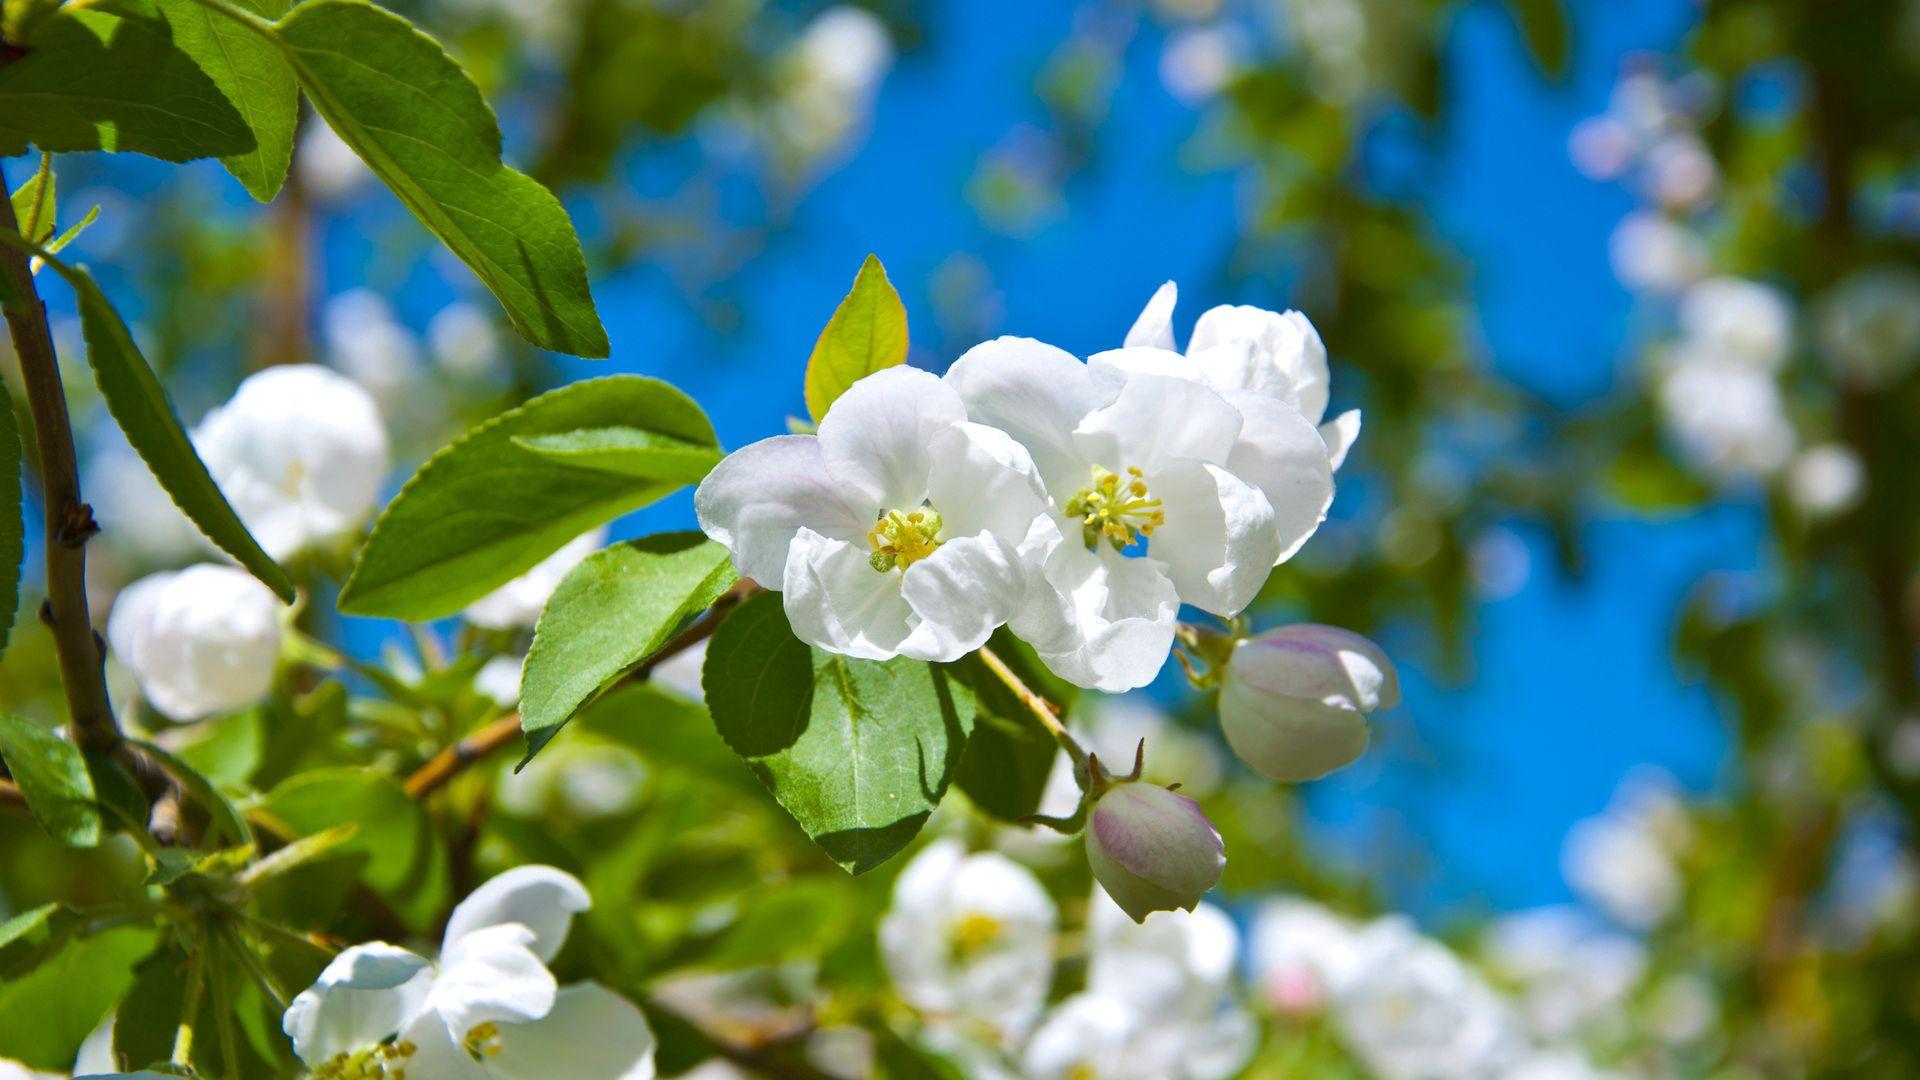 72885 Salvapantallas y fondos de pantalla Flores en tu teléfono. Descarga imágenes de Flores, Florecer, Floración, Primavera, Soleado, Estado Animico, Humor, Verduras gratis